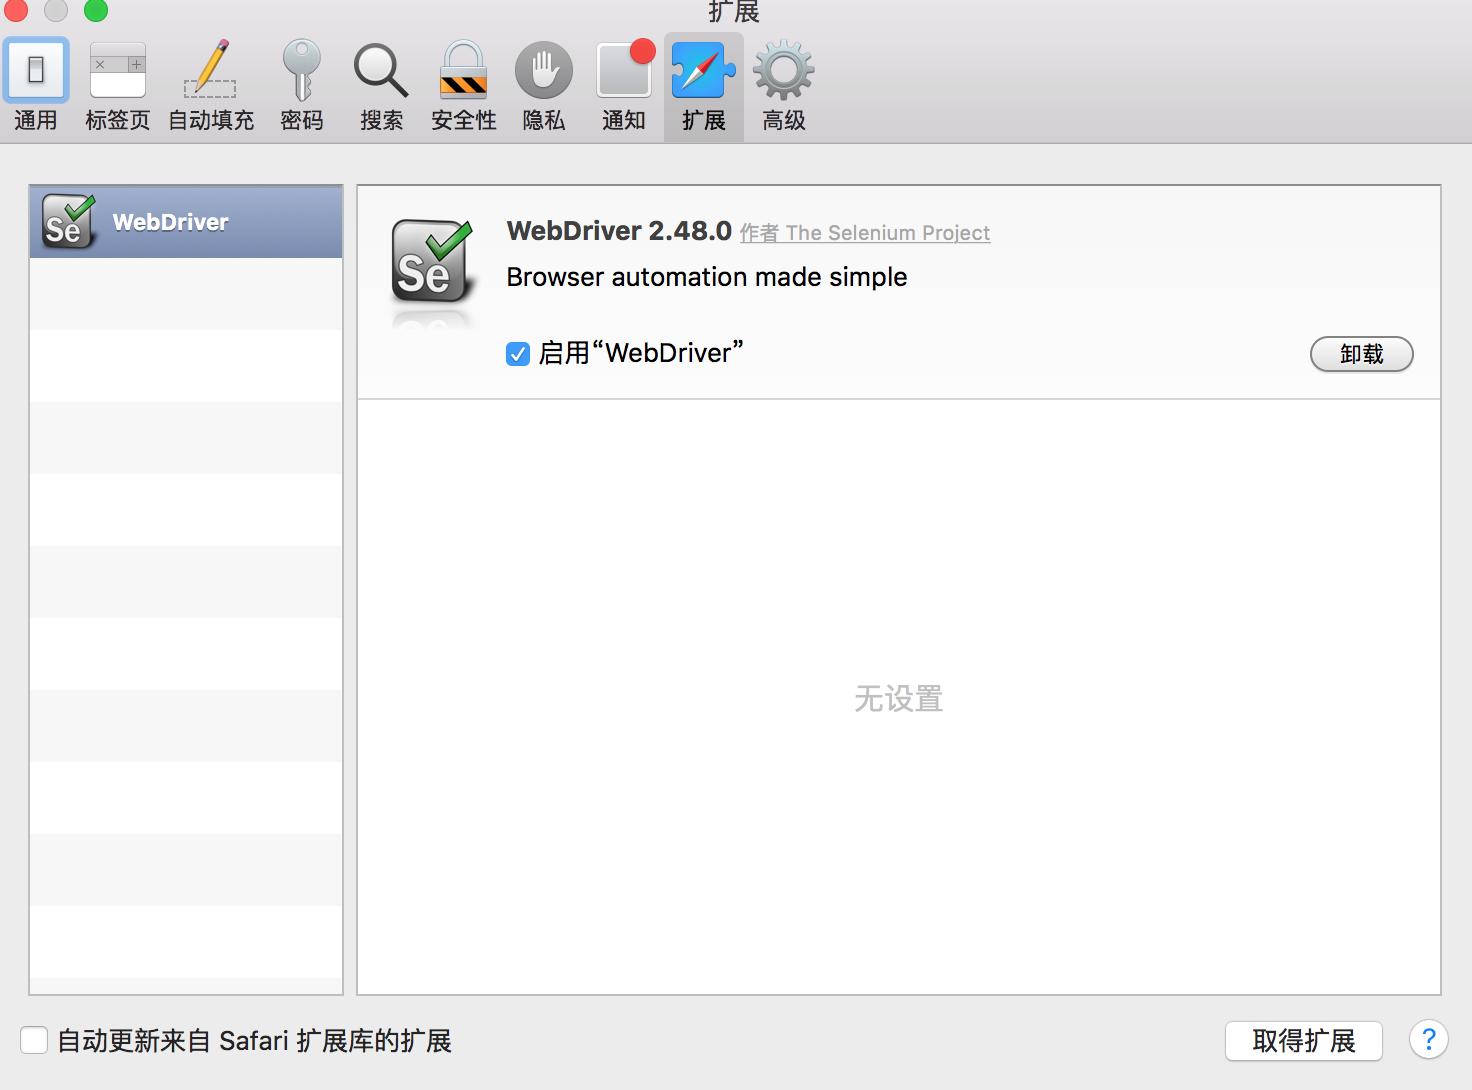 SafariDriver安装成功